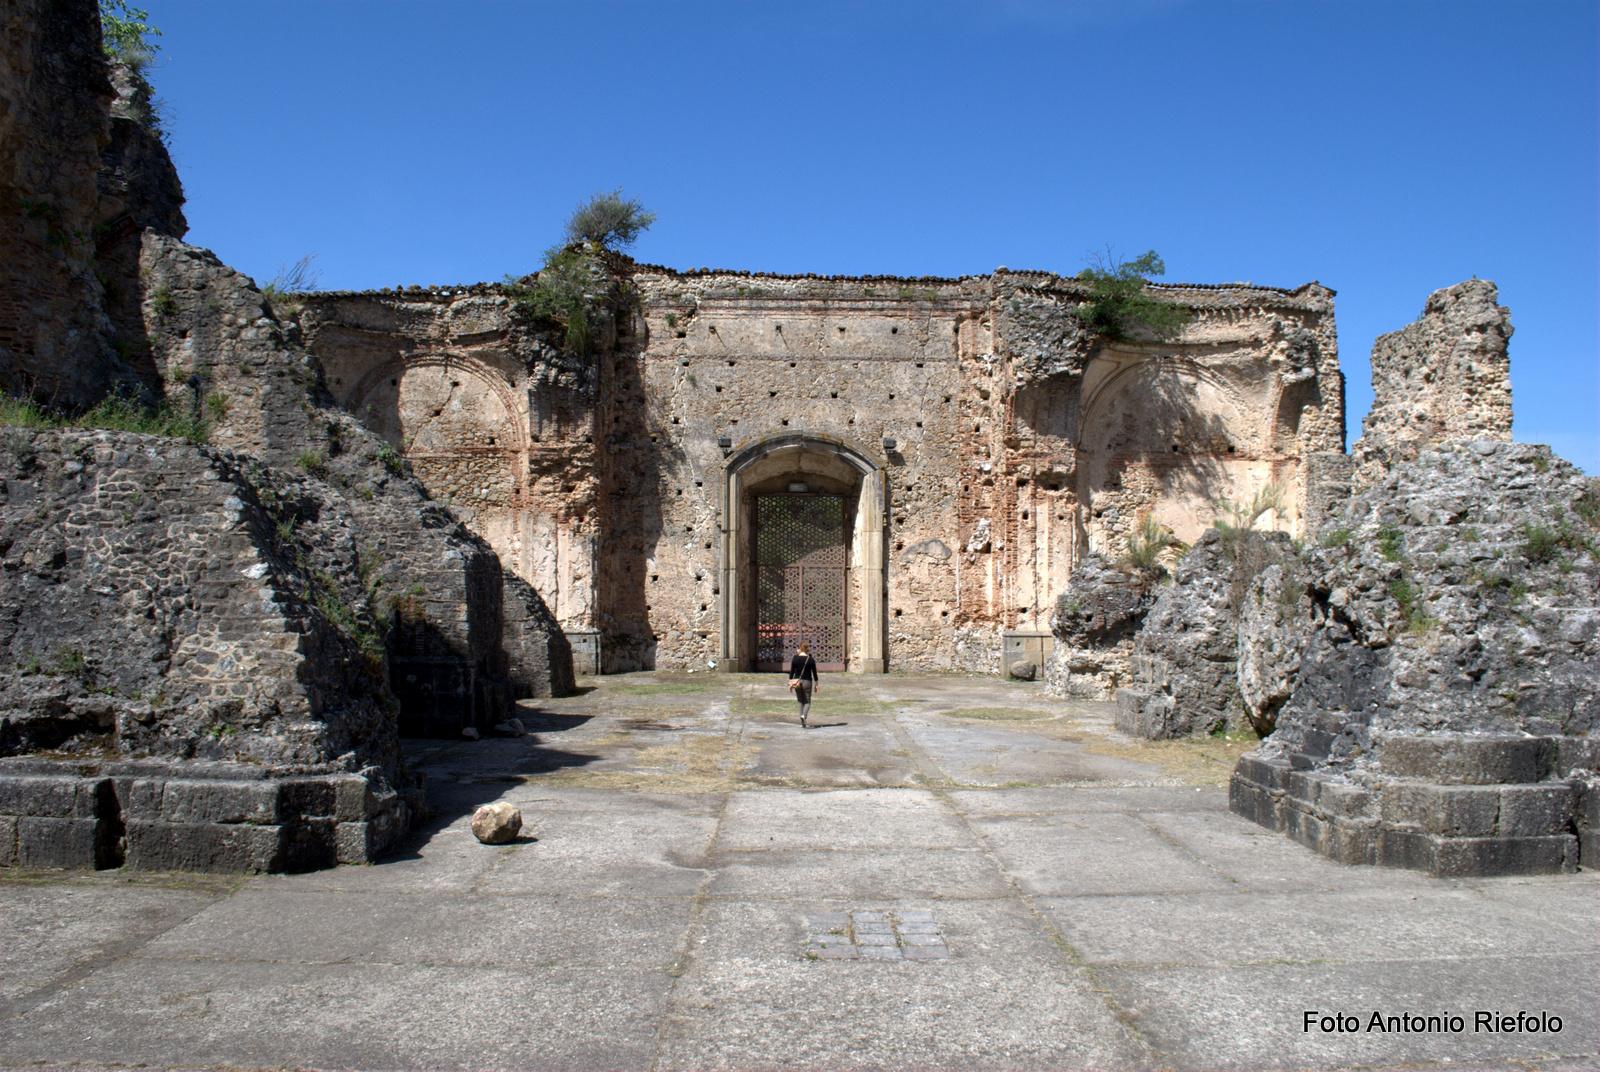 cattedrale_di_san_domenico_resti_(5)